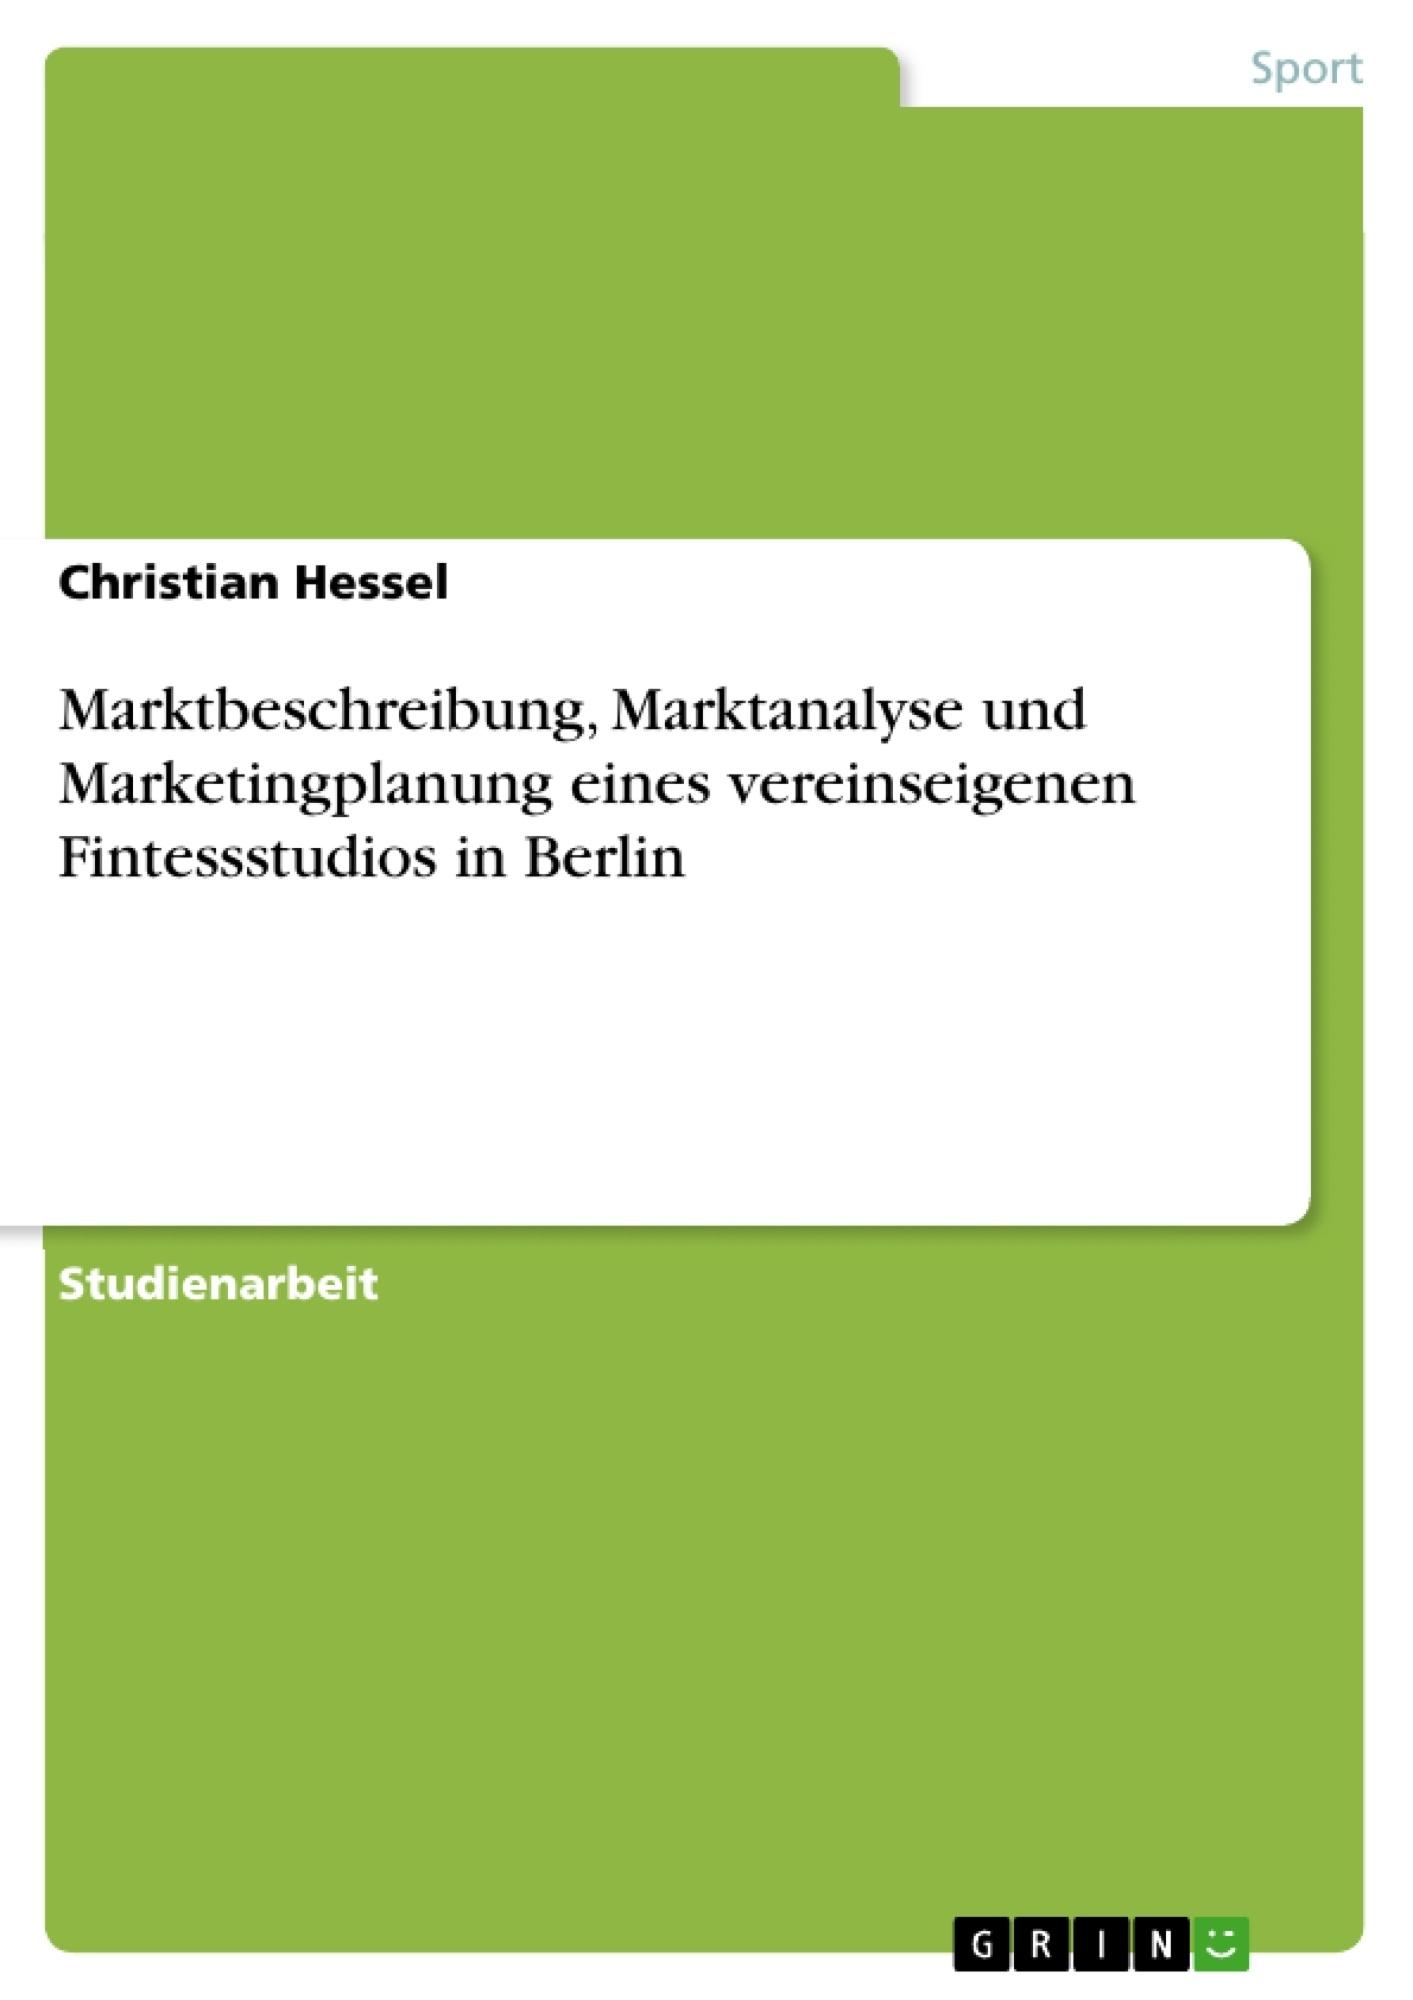 Titel: Marktbeschreibung, Marktanalyse und Marketingplanung eines vereinseigenen Fintessstudios in Berlin